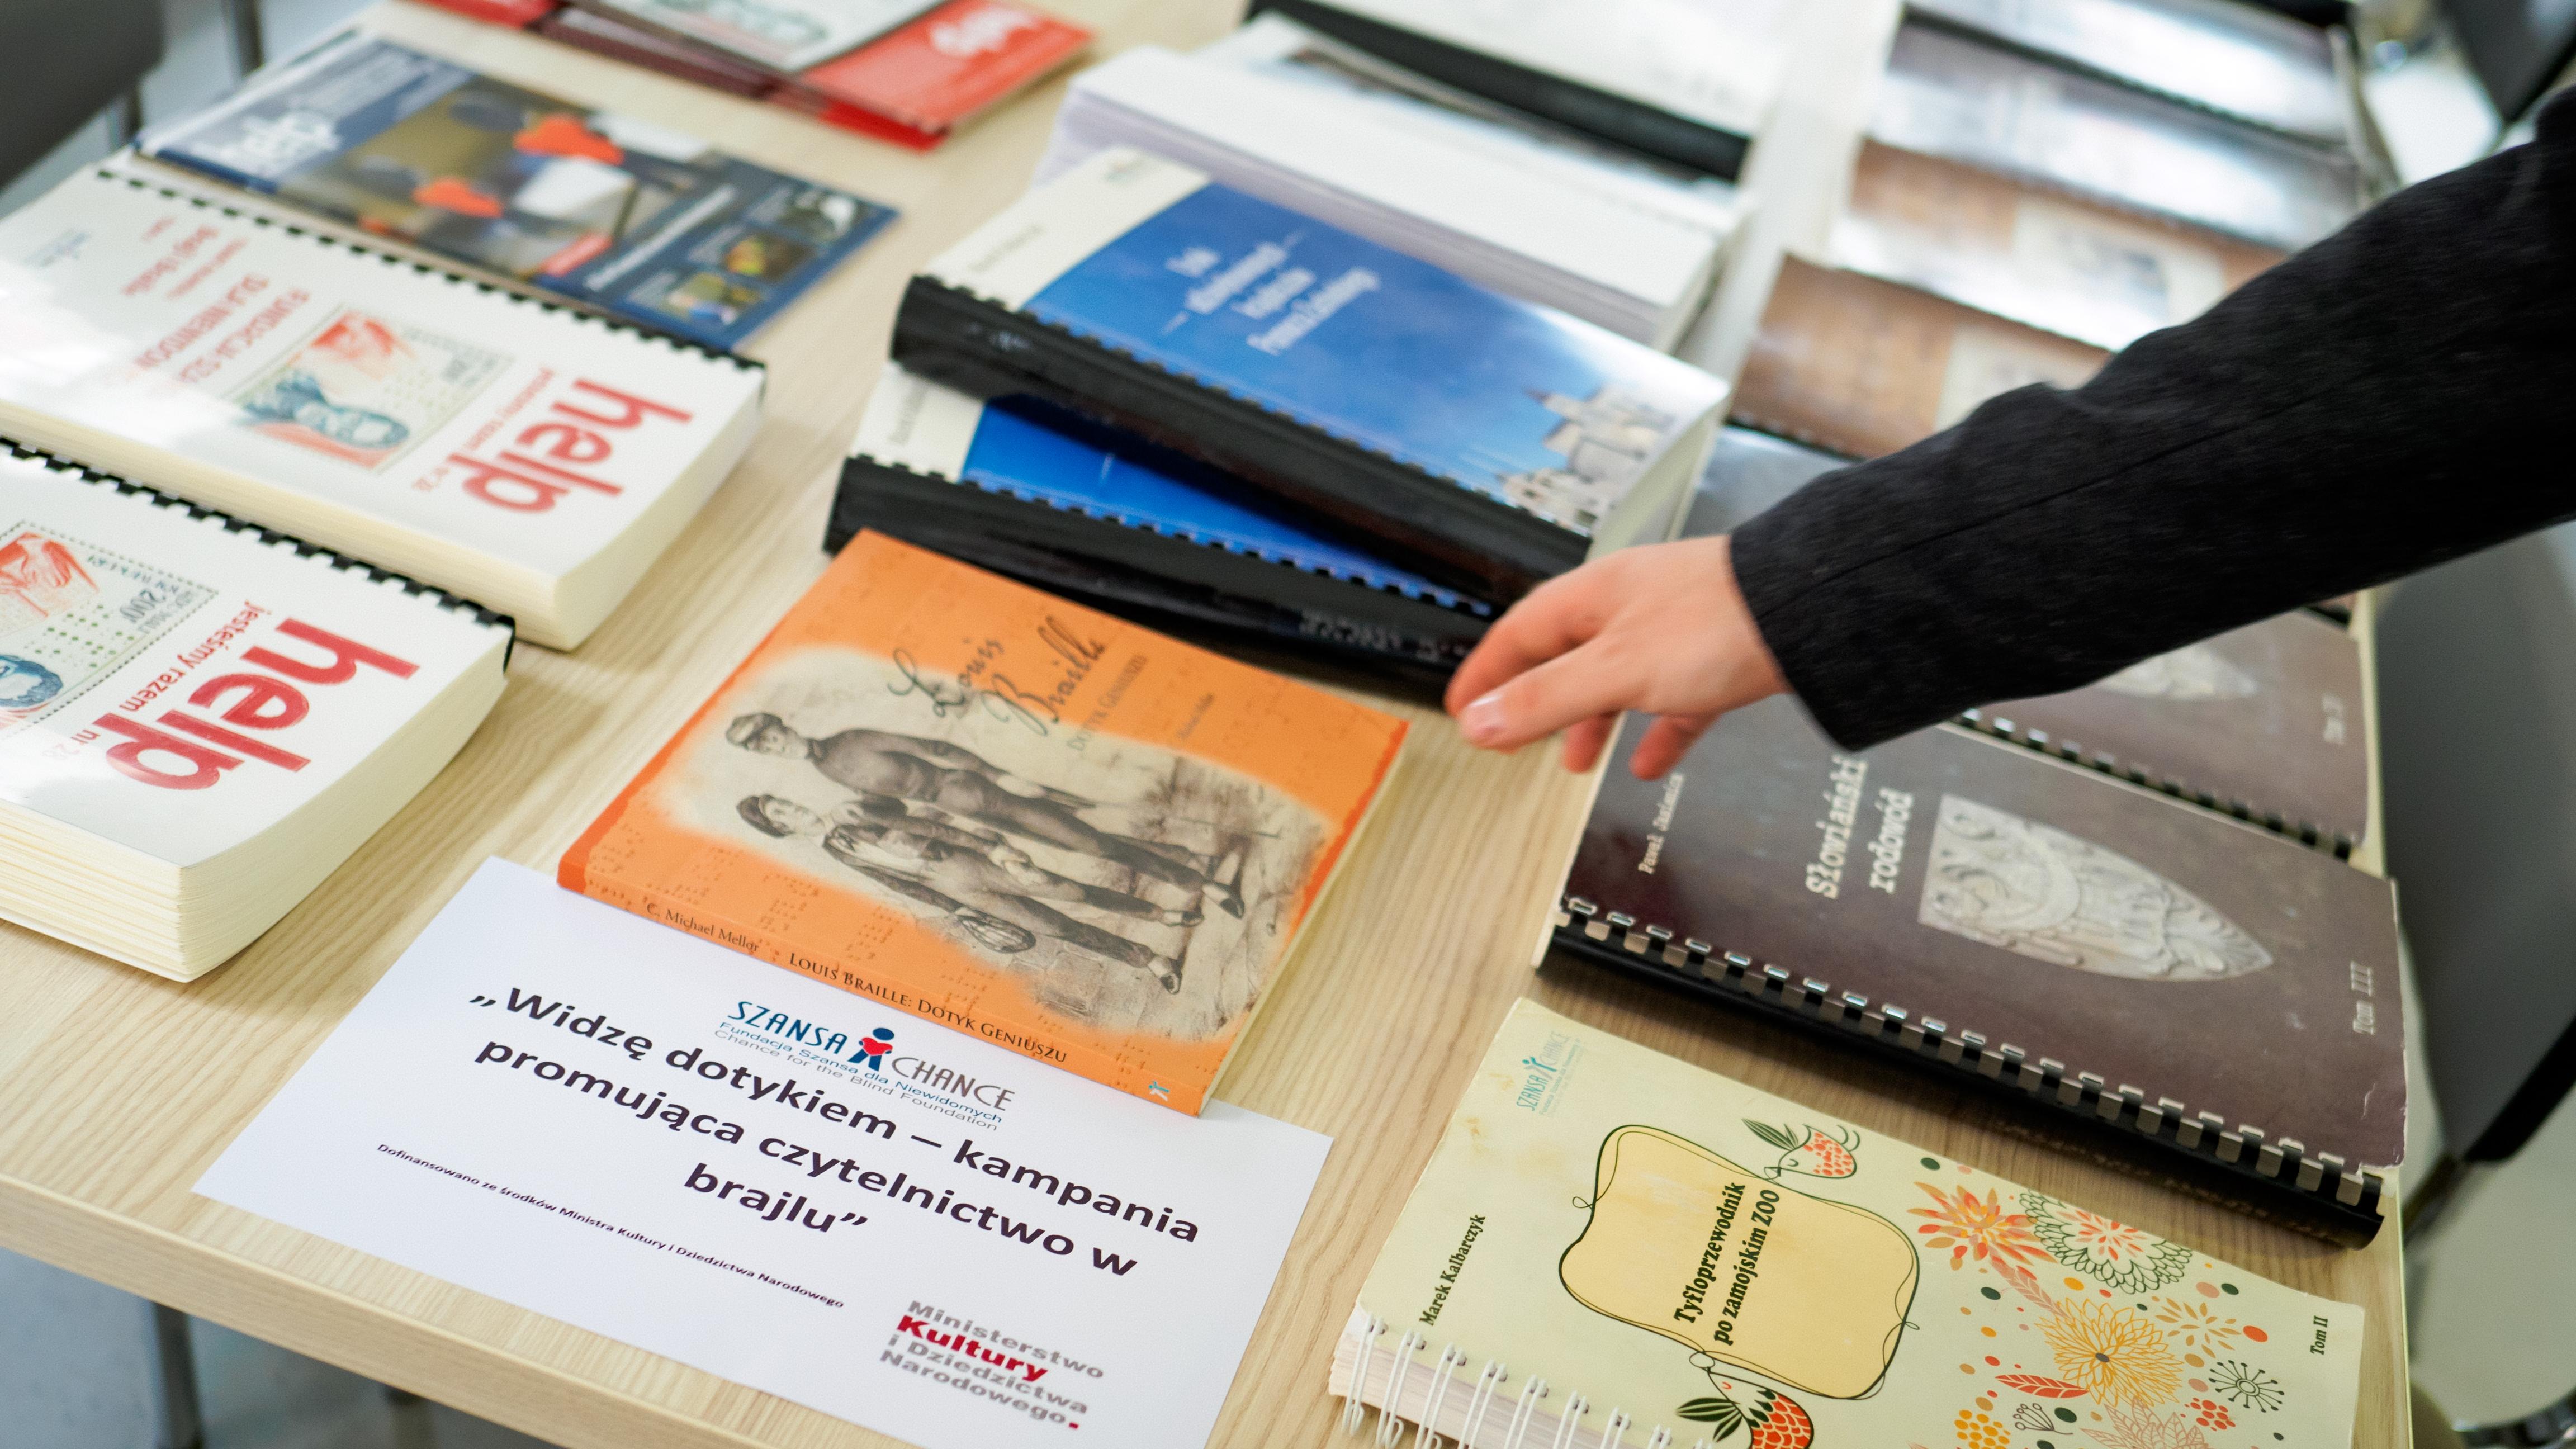 Publikacje brajlowskie